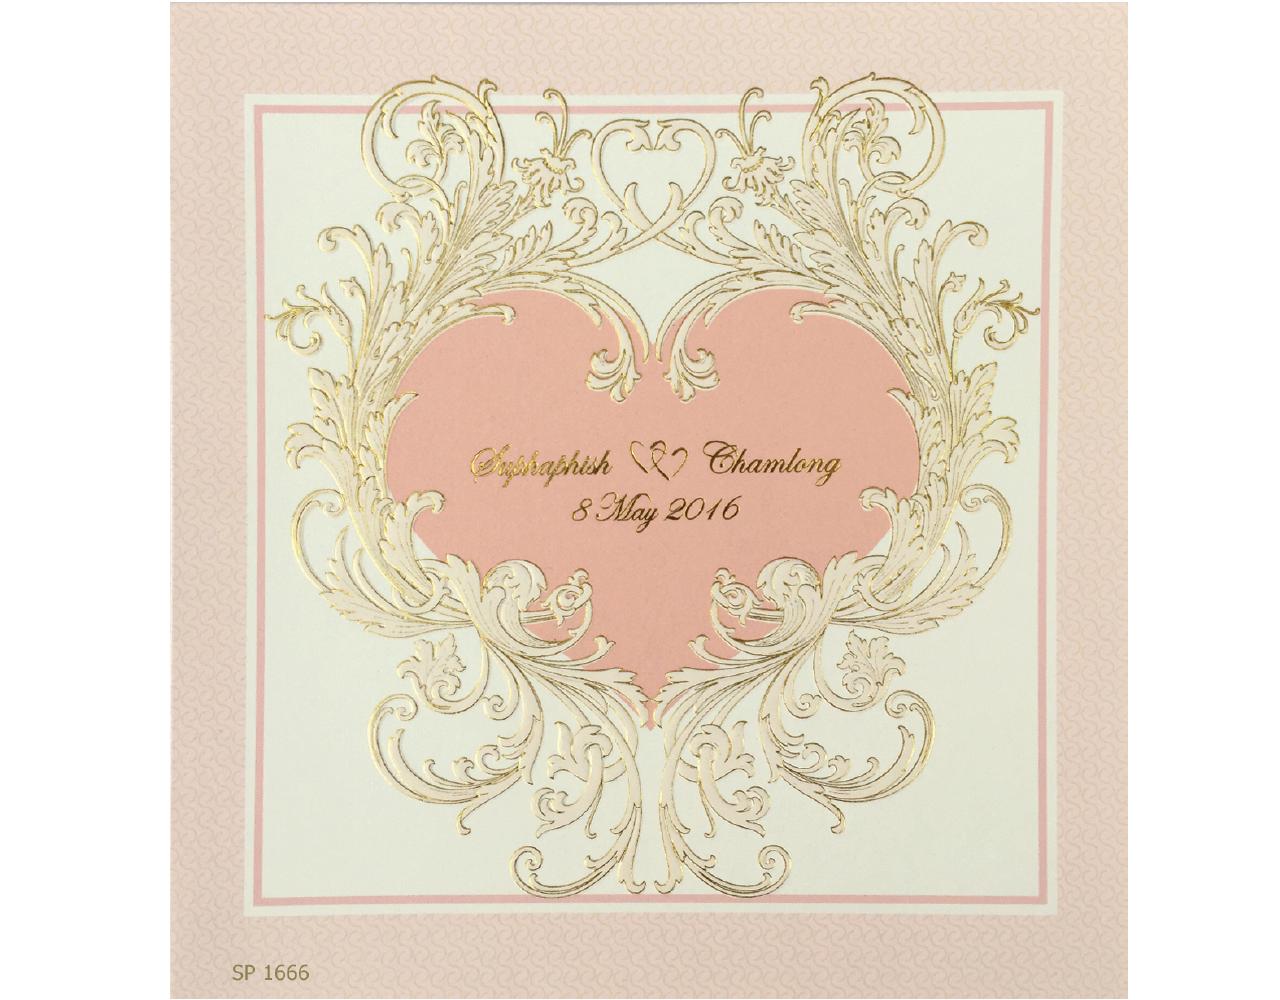 การ์ดแต่งงาน การ์ดเชิญ สีครีม ชมพู ดีไซน์เรียบๆ 2 พับ wedding card 6.5x7 inch SP 1666